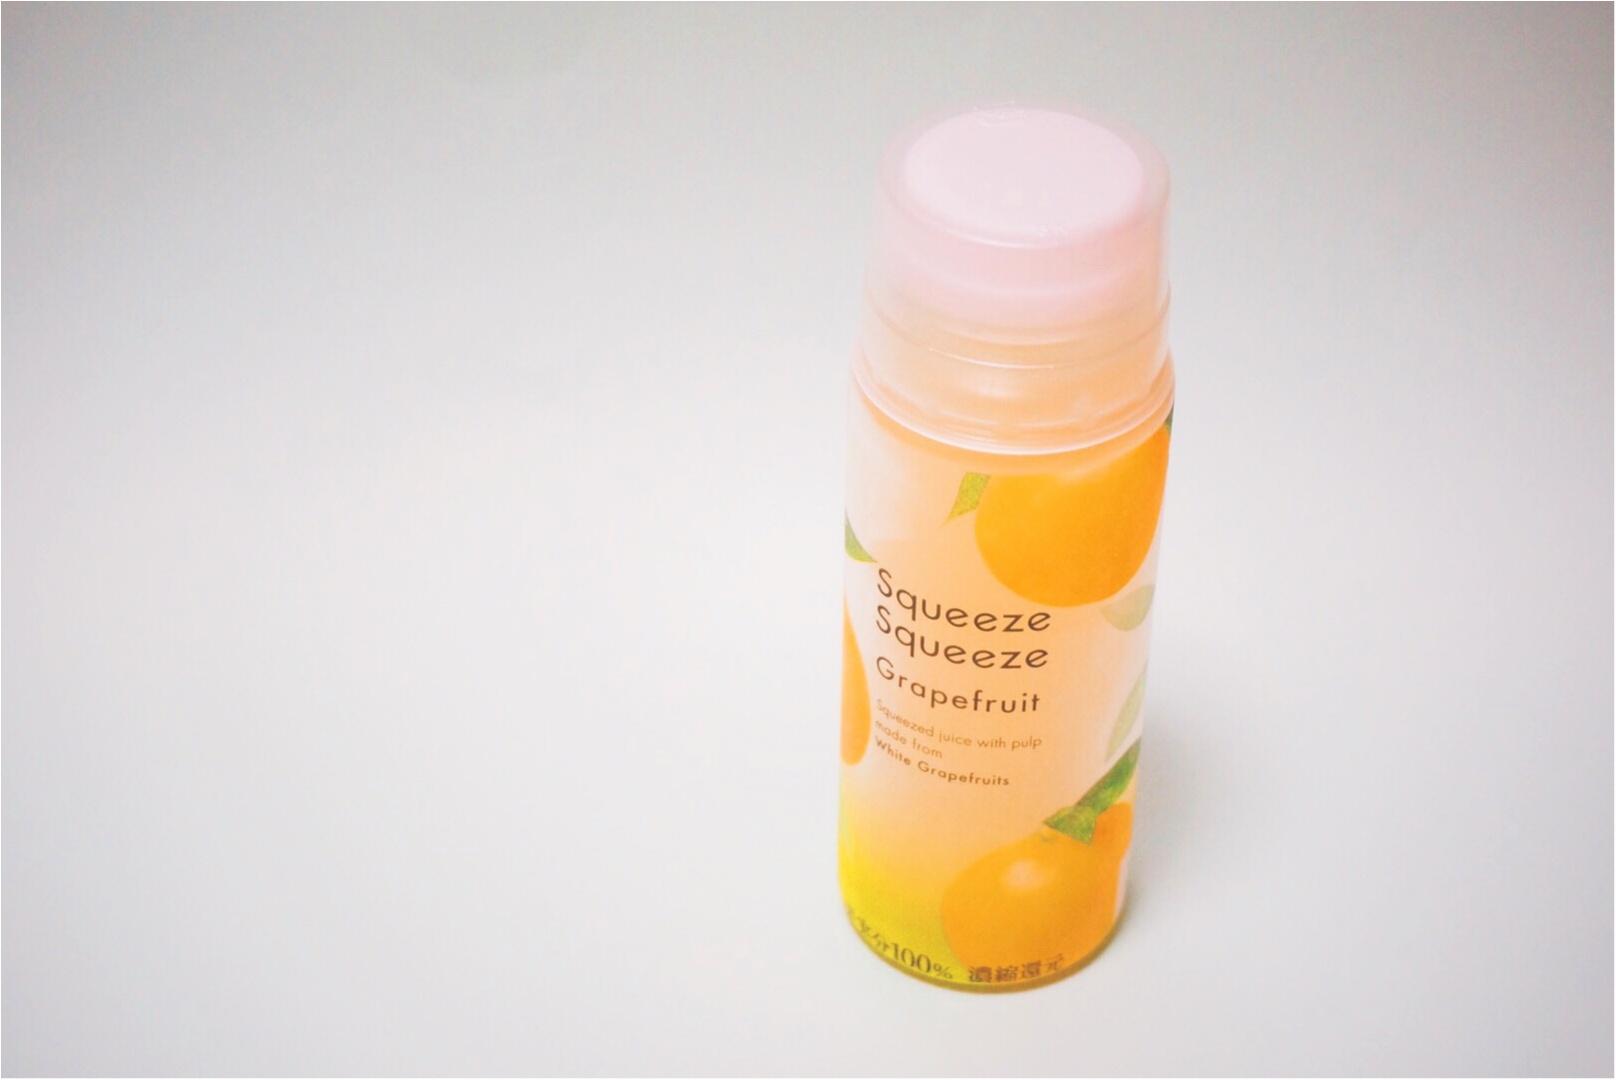 果肉感じる新果実飲料第1弾が【ファミマ】に登場♪砂糖・香料不使用で素材そのままの味わいが楽しめる 『スクイーズスクイーズ』シリーズがオシャレで美味いっ♡_2